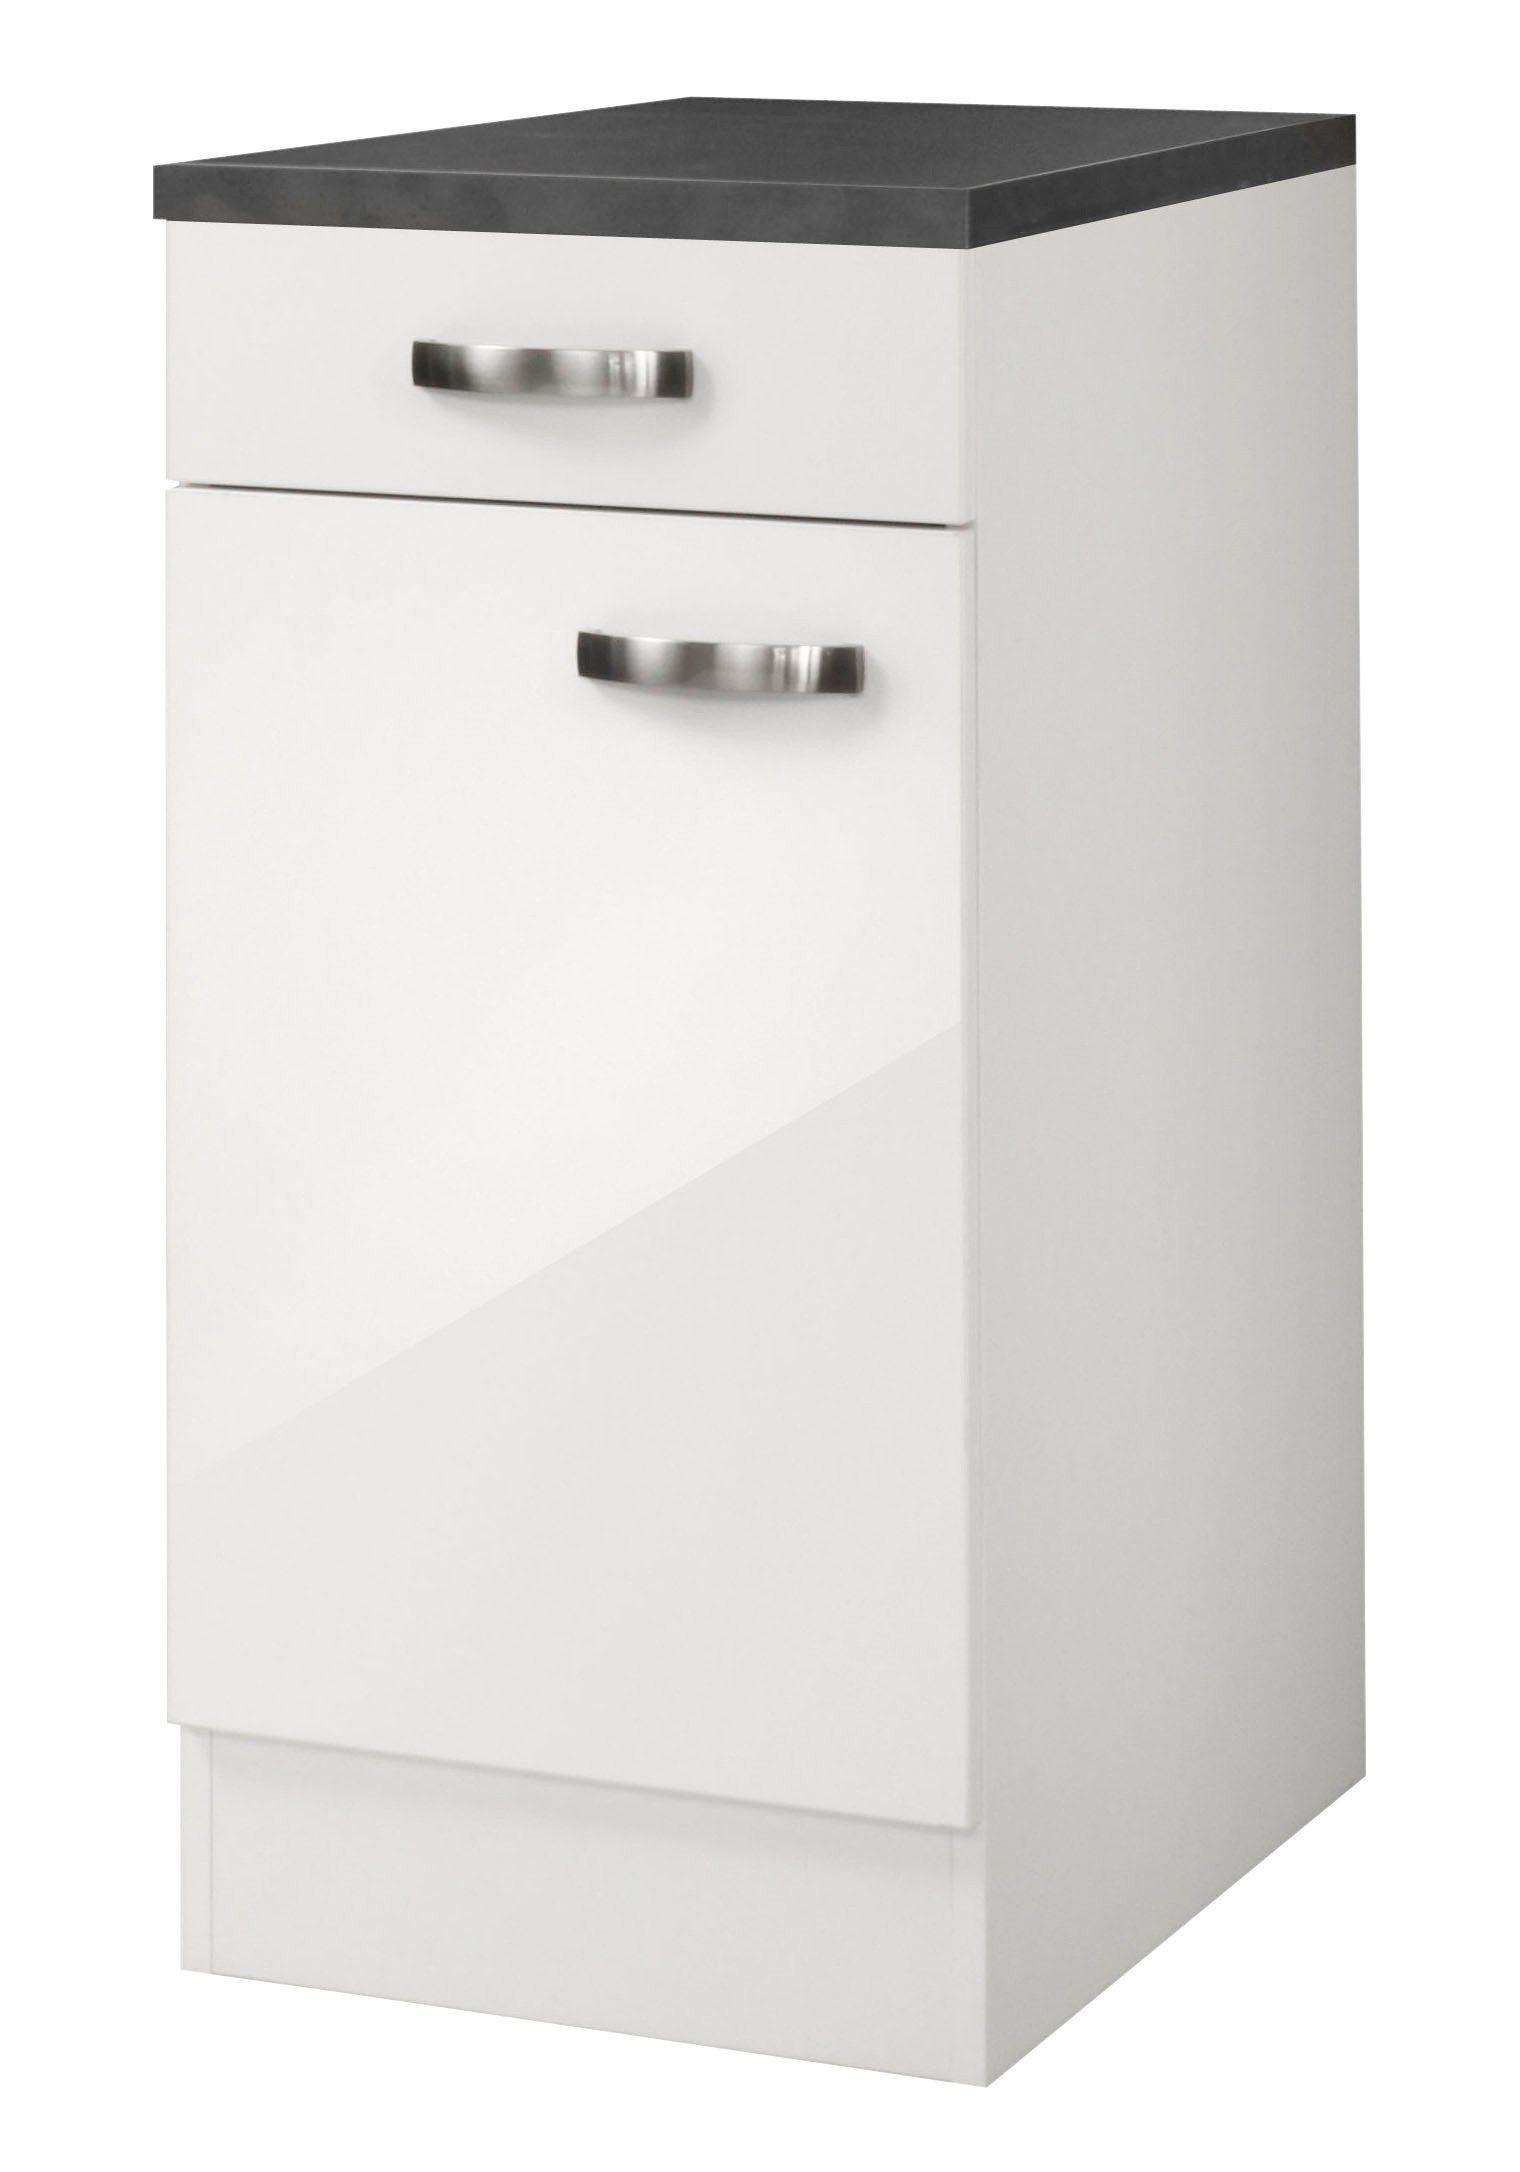 Interessant OPTIFIT Küchenunterschrank »Lagos, Breite 40 cm« | OTTO VV17